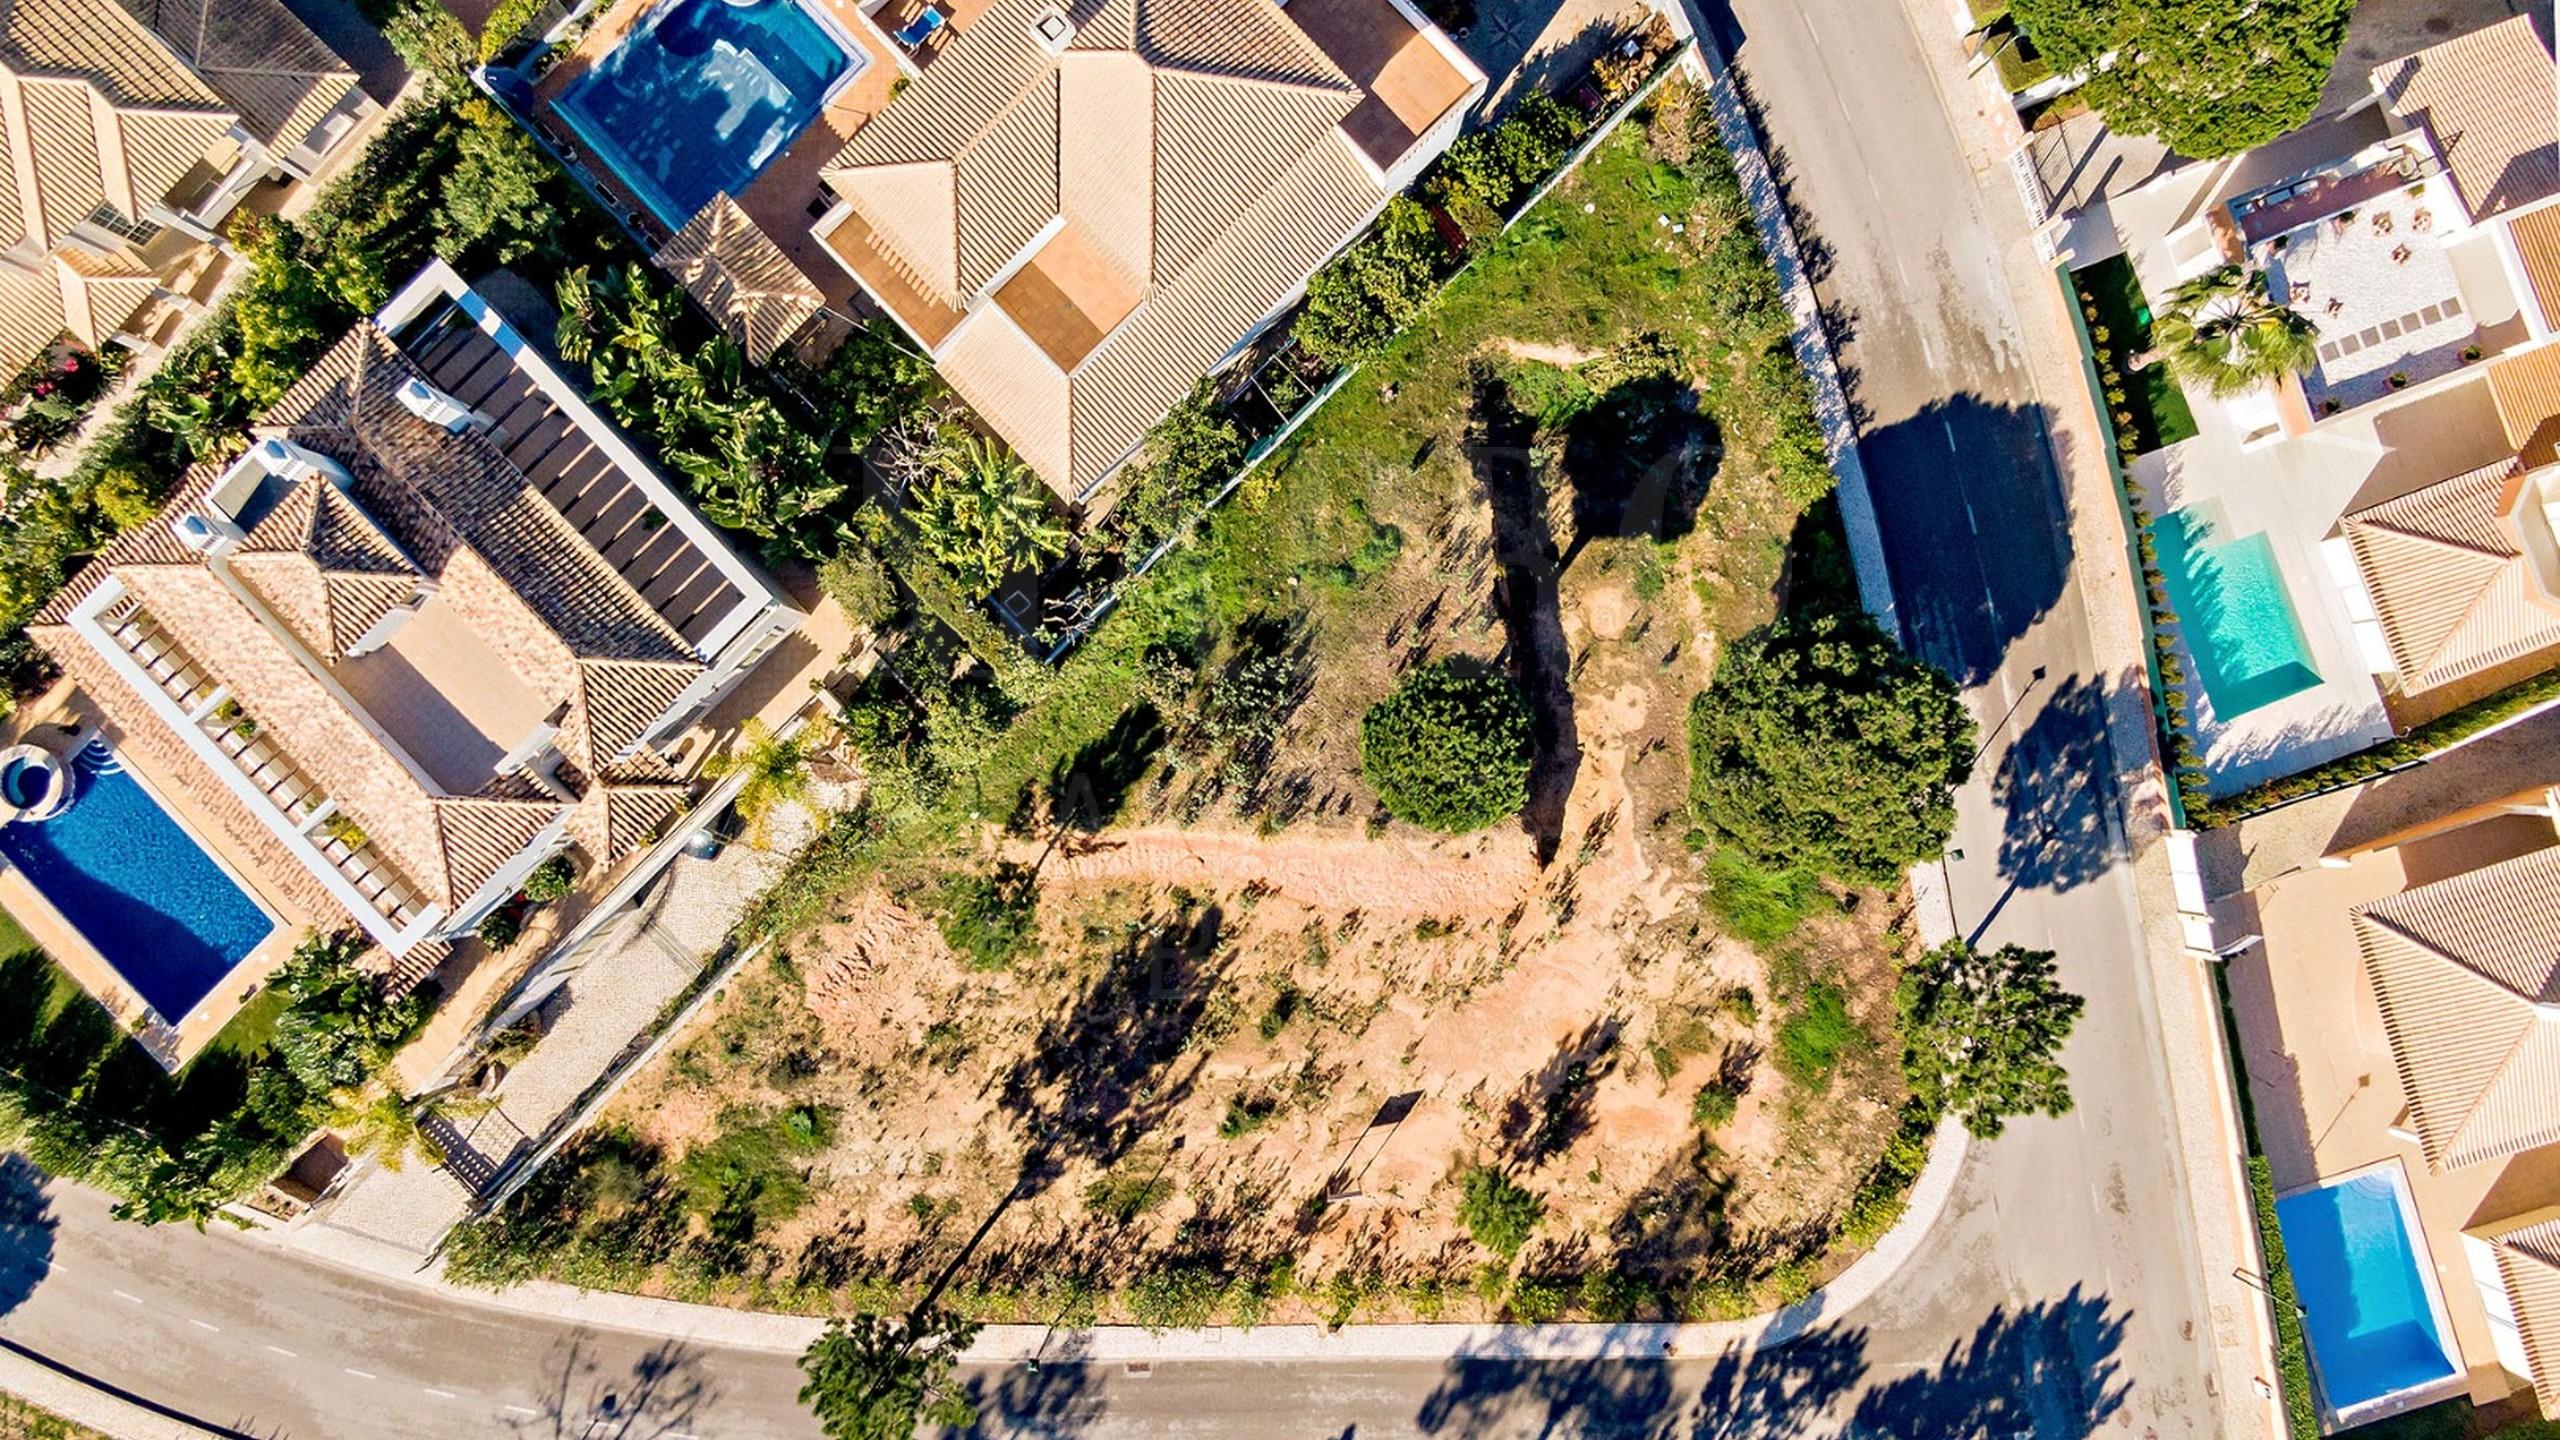 Terrain a vendre à Quinta do Lago